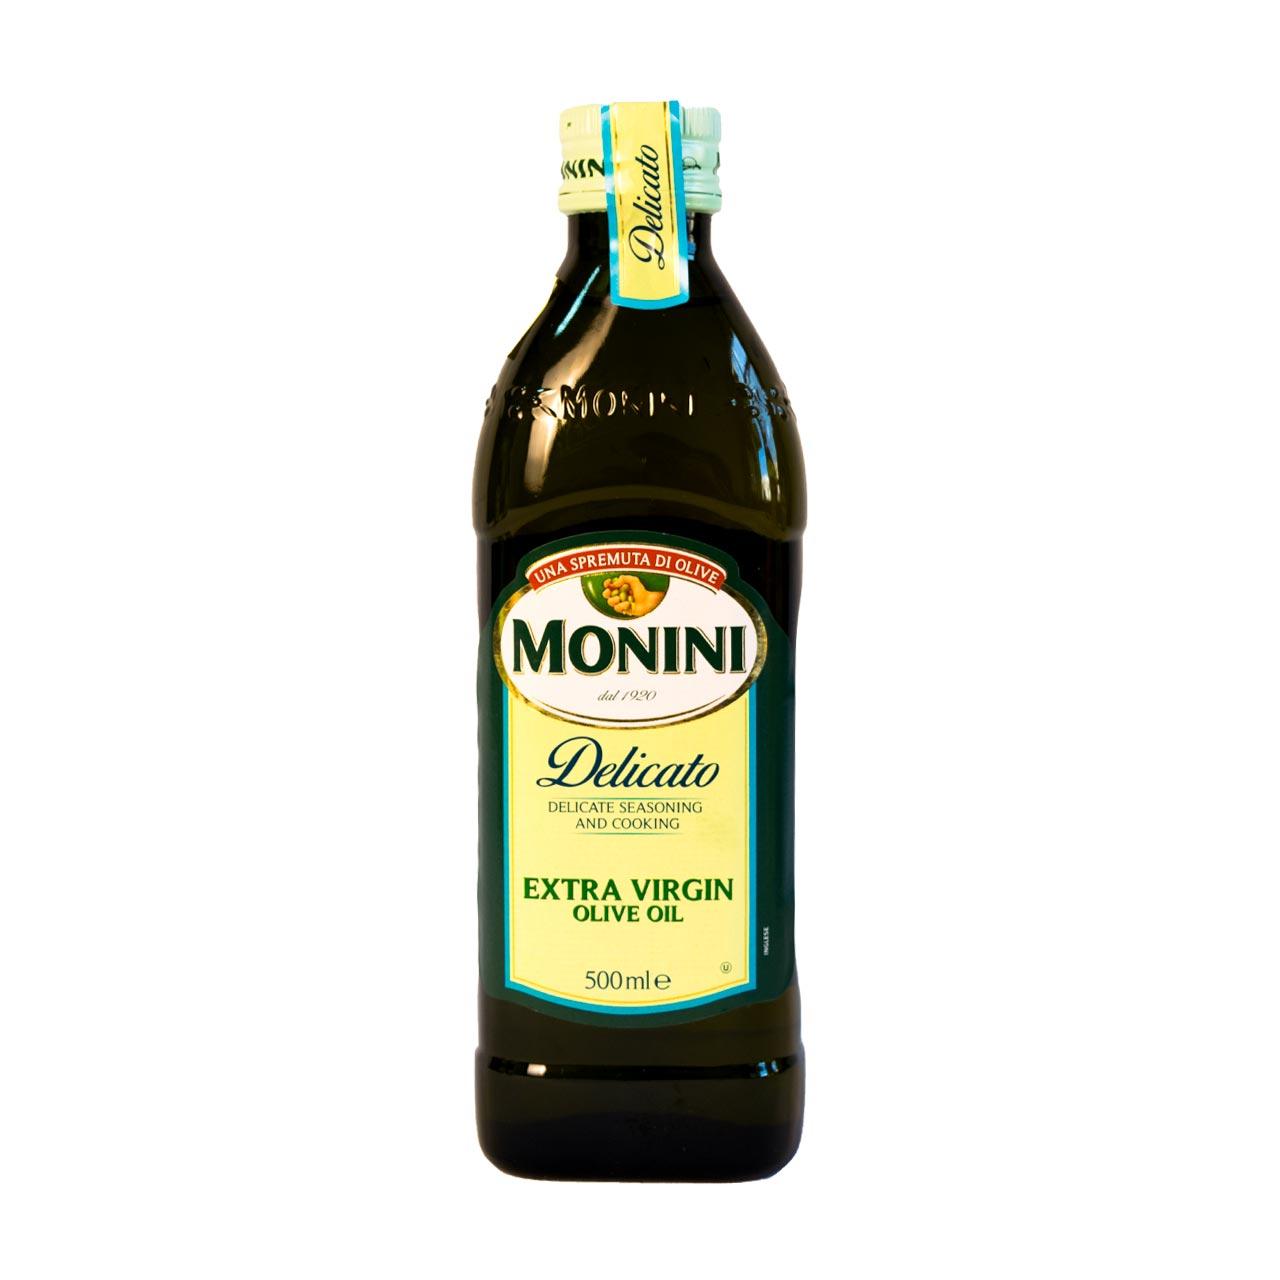 روغن زیتون با بو نیم لیتر مونینی – monini